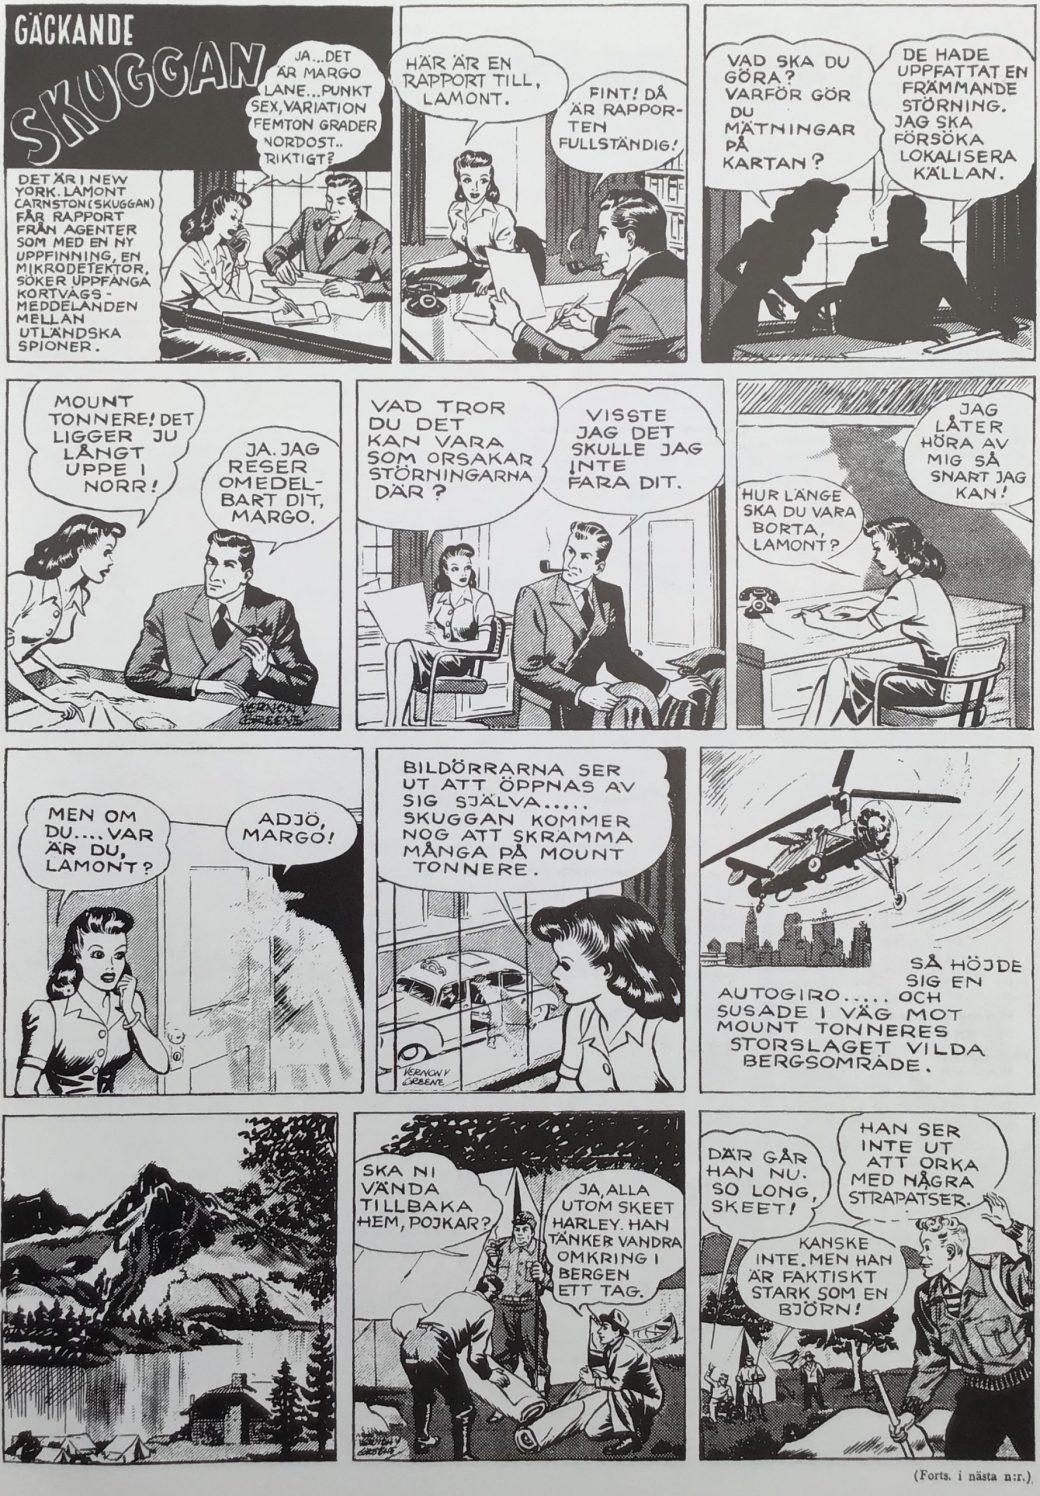 Första sidan med Gäckande skuggan (The Shadow) ur Karl-Alfred nr 1, 1946. ©Ledger